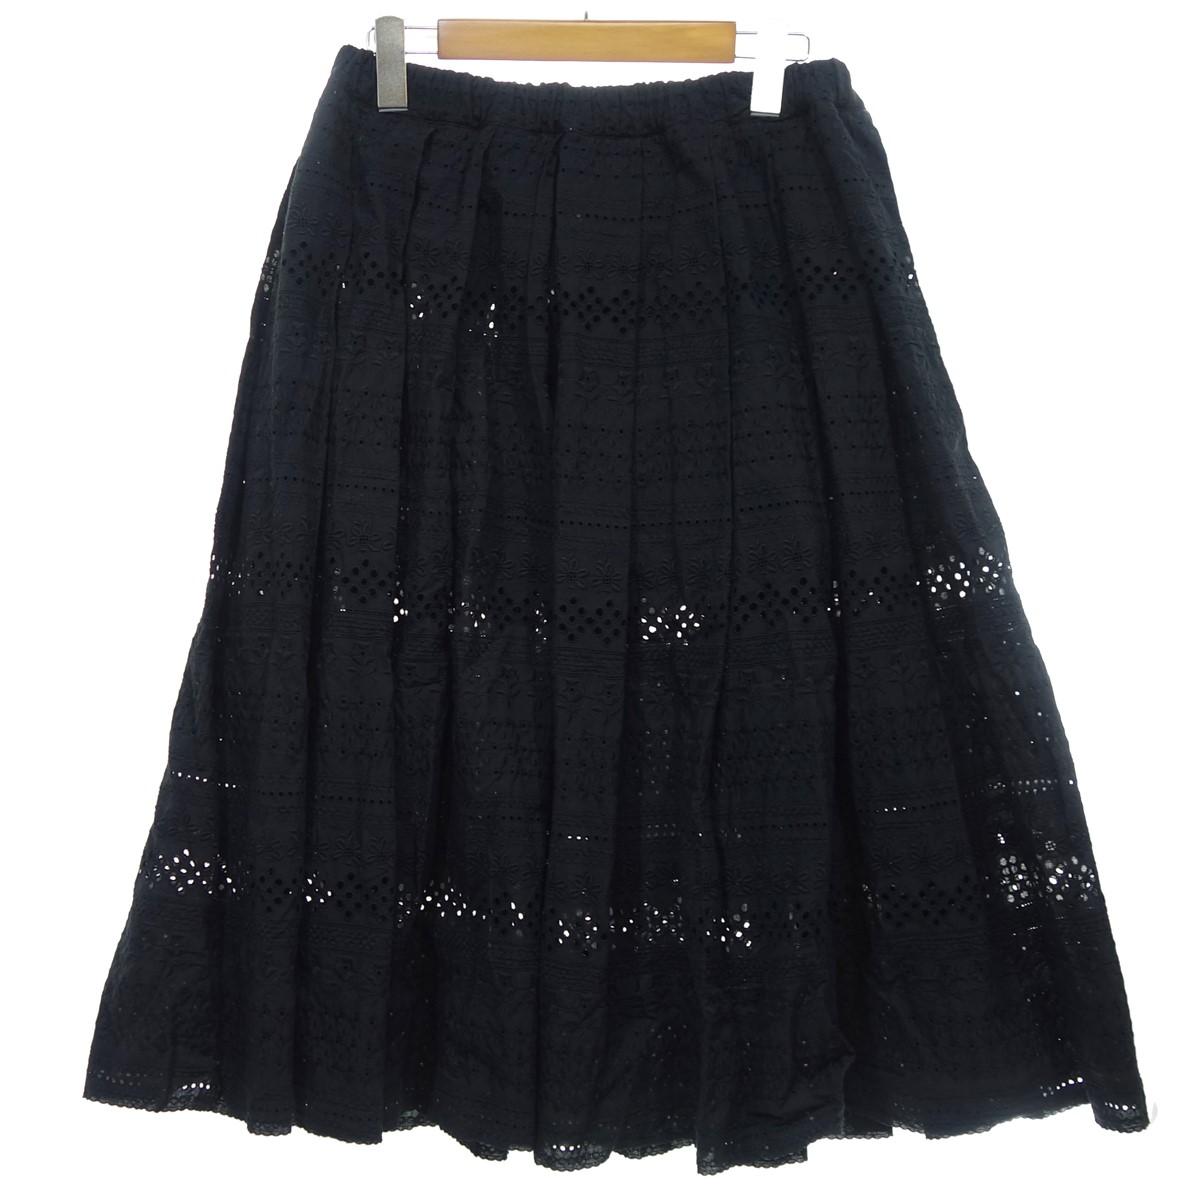 【中古】COMME des GARCONS COMME des GARCONS 【2018S/S】 レーススカート ブラック サイズ:XS 【110320】(コムデギャルソンコムデギャルソン)